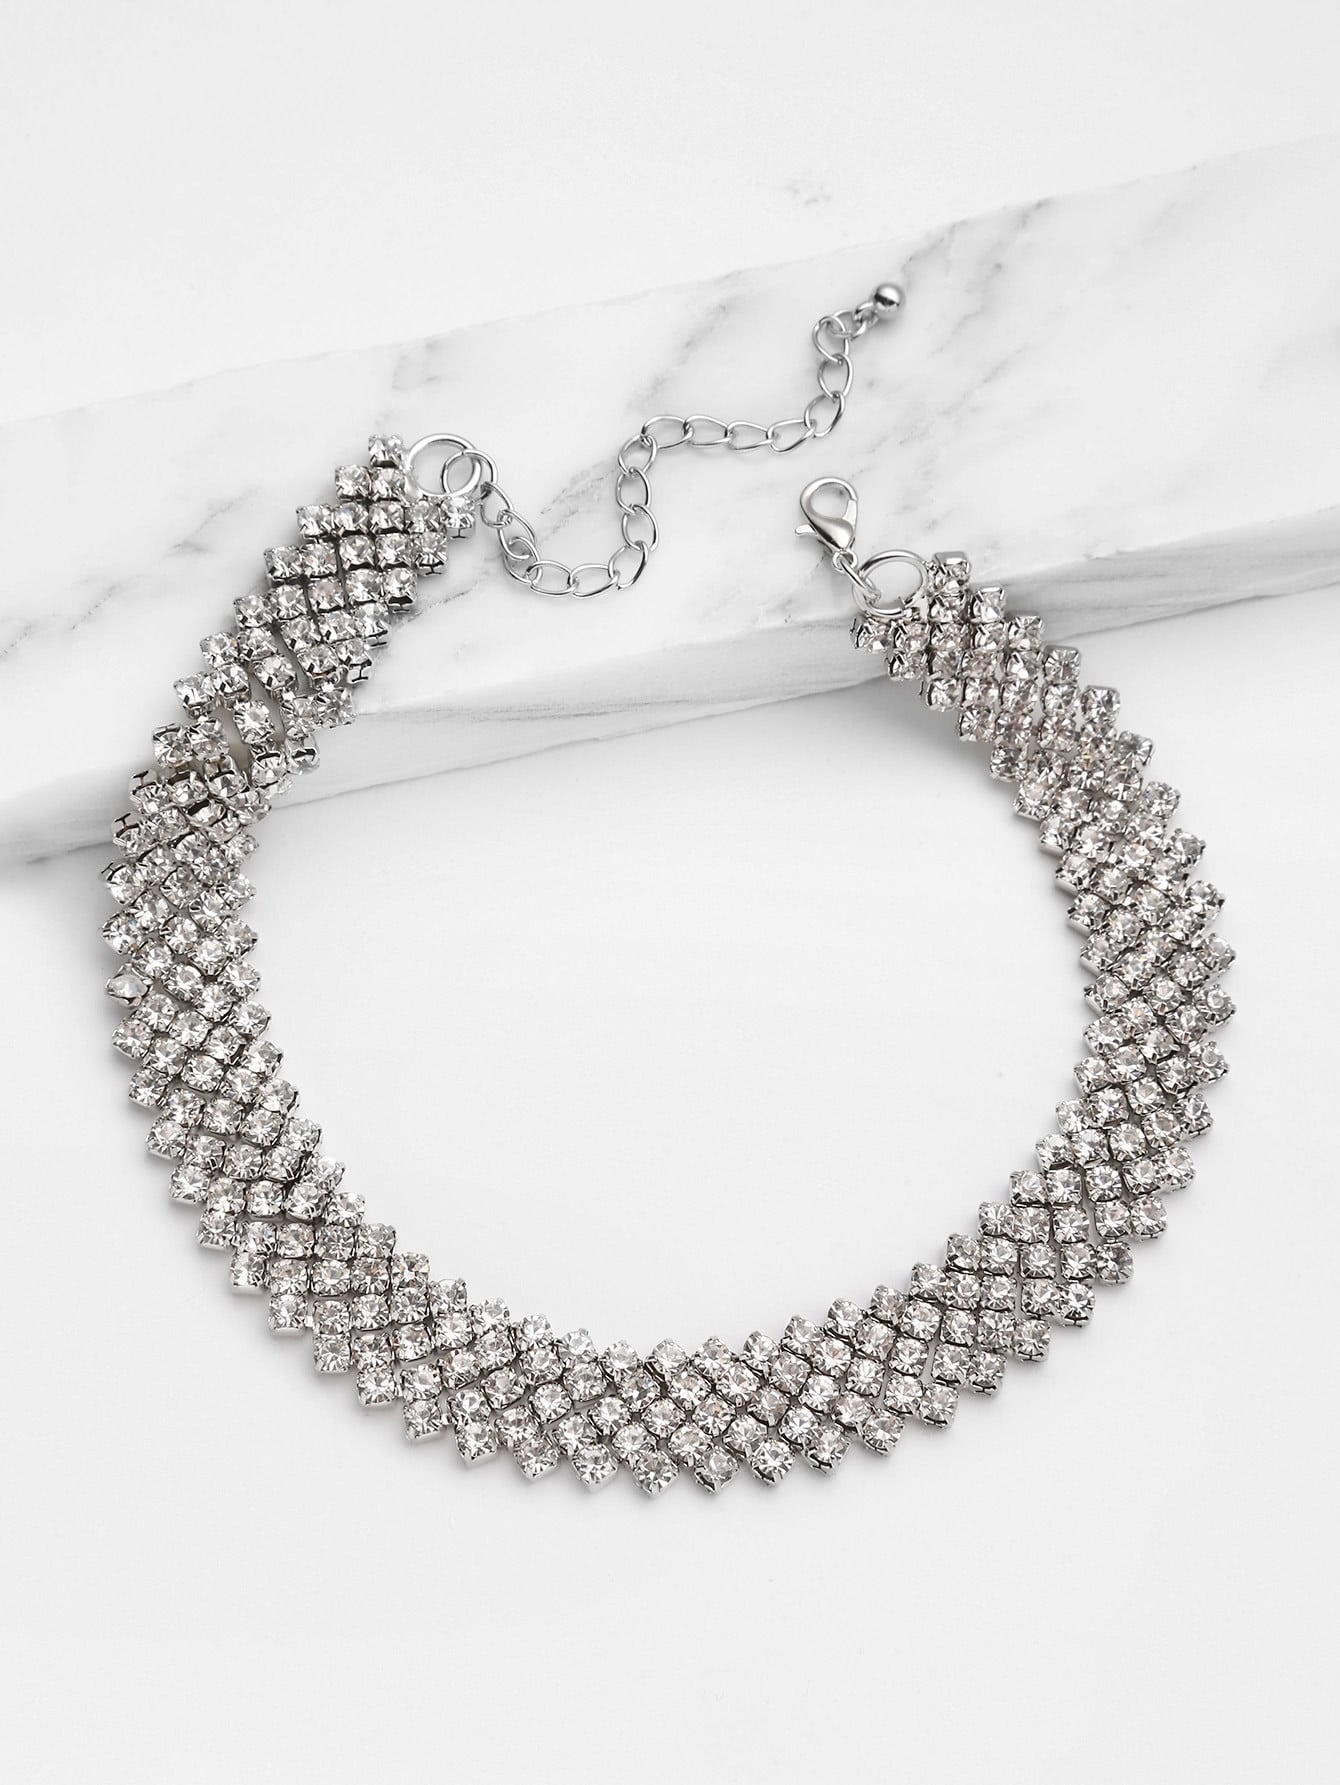 Rhinestone Embellished Chain Choker